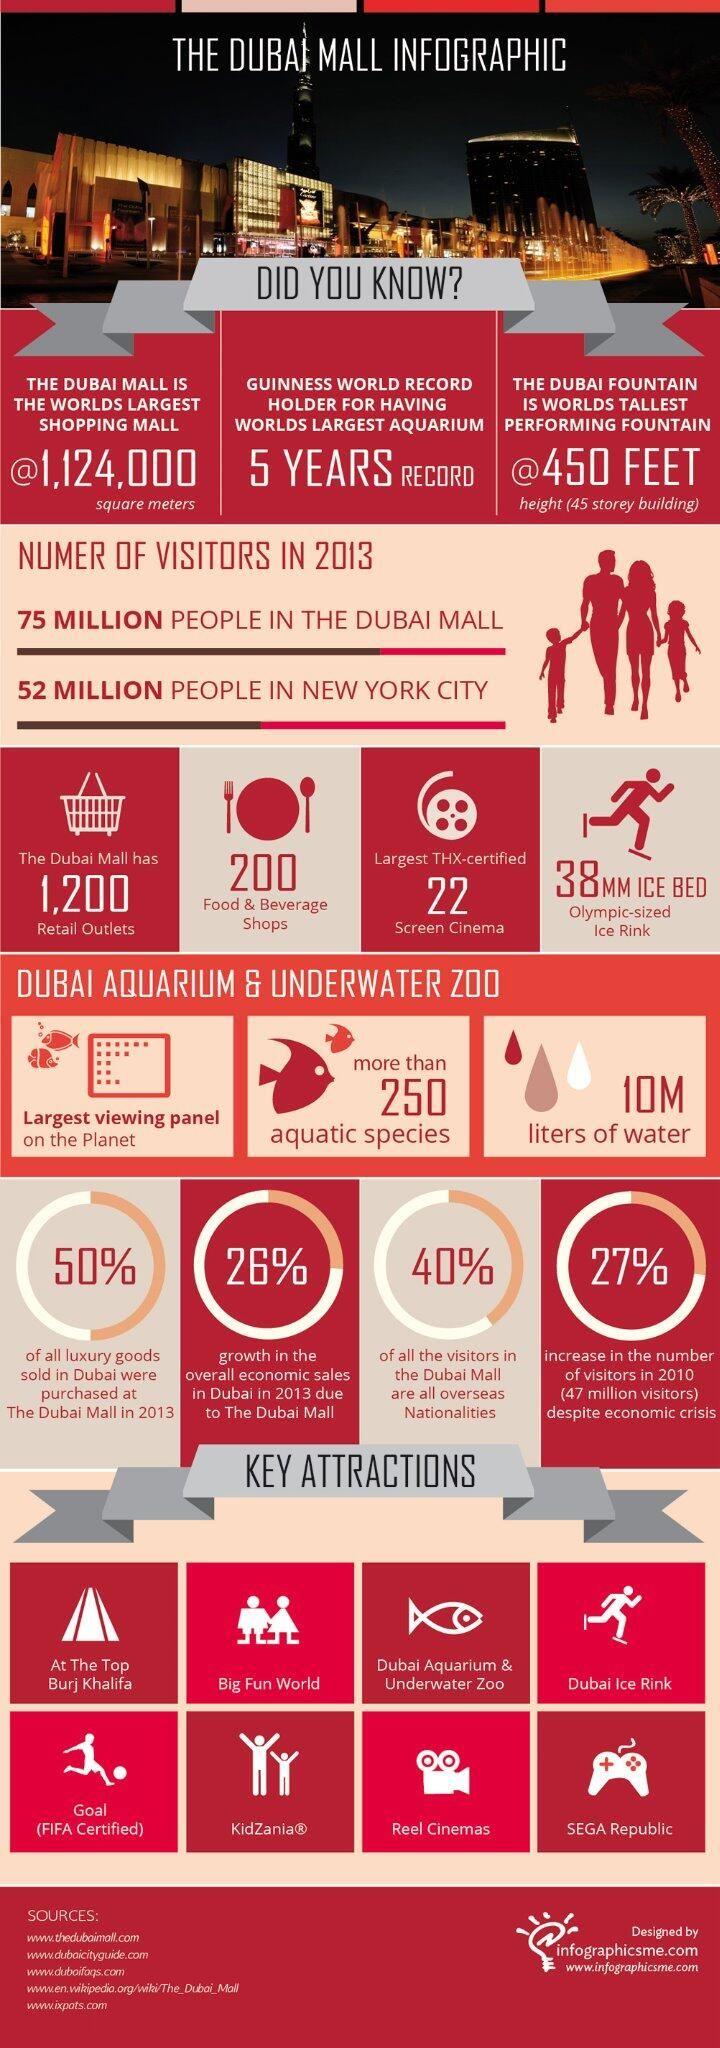 The Dubai Mall Infographic #Dubai #UAE #Infographic http://infographicsme.com/dubai-mall.php pic.twitter.com/cuH1Q725sw